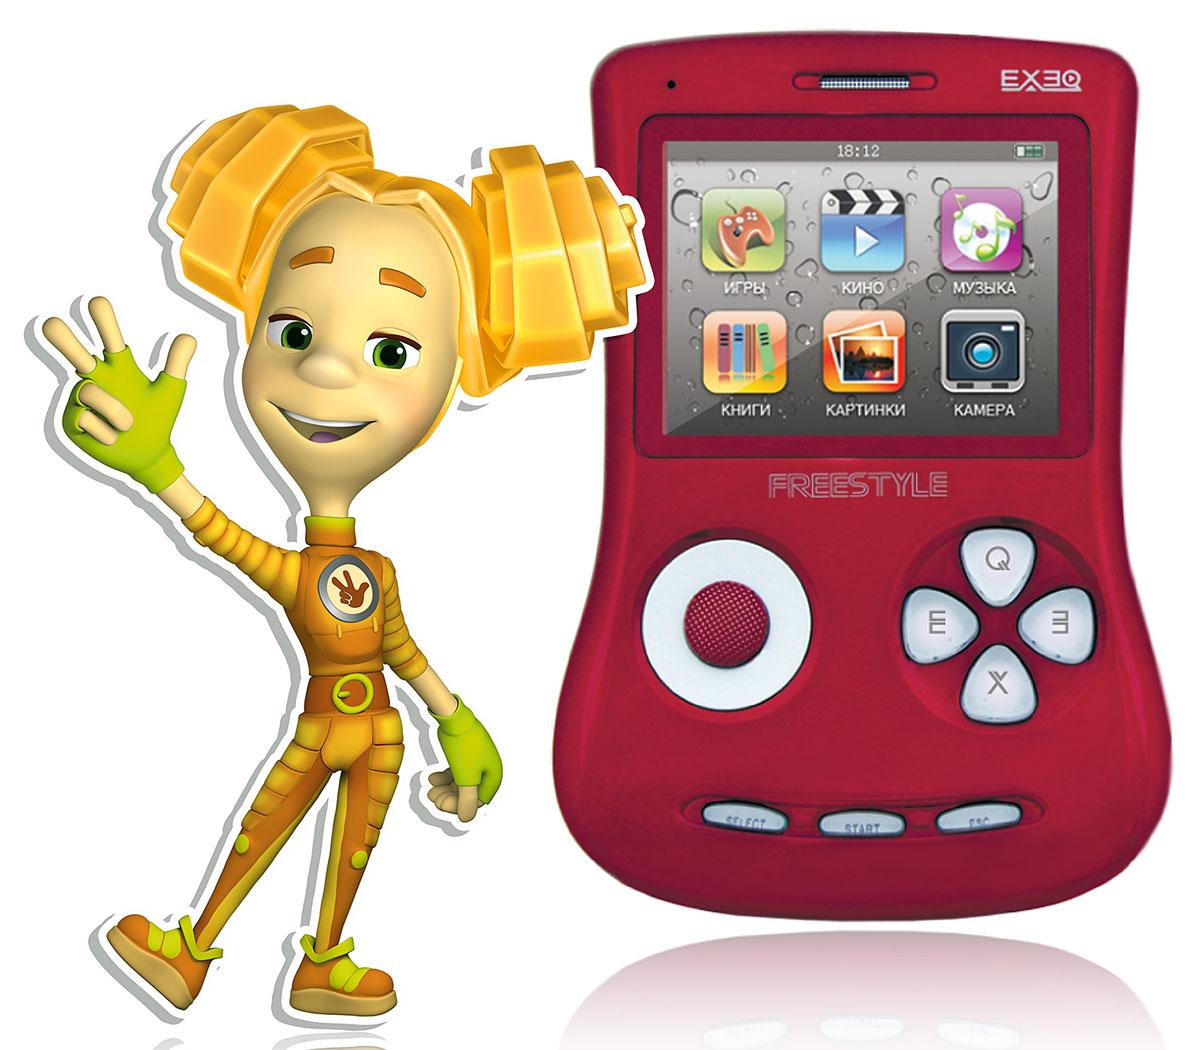 Портативная игровая приставка EXEQ ФикСи FreeStyle 2,7 (красная)MP-1002 FX_красныйИгровая Фикси-приставка Freestyle - это универсальная игровая приставка с оригинальным дизайном, LCD-дисплеем в 2,7 дюймов, встроенной памятью на 4 Гб и богатыми мультимедийными возможностями! Фикси-приставка воспроизводит любые игрушки на 8, 16 и 32 бита, которые можно свободно и бесплатно скачать из интернета или же довольствоваться 700 встроенными играми. А когда игры наскучат, Freestyle развлечет вас музыкой (поддерживаются MP3, FLAC, APE и другие), видео (в большинстве популярных форматов, включая MP4, AVI) или чтением электронных книг. В арсенале приставки предусмотрены даже FM-радио и 1,3 Мпикс камера! И еще один немаловажный аргумент - наличие видеовыхода на телевизор с RCA-кабелем в комплекте! Также игровая Фикси-приставка Freestyle имеет специальный пакет приложений от Фиксиков: 12 серий сериала Фиксики (4 новинки), 6 видеоклипов и несколько Фиксипелок.В январе 2015 г. специальный пакет приложений от Фиксиков пополнила 16-ти битная игра под одноименным названием - Фиксики! Стоит отметить, что новые приключения популярных героев в 16-битном формате доступны только на Фикси-приставках ГК Проявляй эмоции. Одной из таких приставок является Exeq Freestyle. Дисплей: 2,7 LCD с разрешением 320х240 точекВстроенная память: 4 ГбИсточник питания: Аккумулятор Lion емкостью 900 мАчВремя работы без подзарядки: около 6 часовРазъемы: AV-выход (видео + аудио), PAL/NTSC, выход для наушников, USBКарты памяти: MicroSD, объемом до 16 ГбЗарядка: через сетевой адаптер или от ПК через USBАудио: MP3, WMA, WMA, AAC, FLAC, APE и другие музыкальные форматыВидео: RRM, RMVB, AVI, FLV, 3GP, MP4, ASF, WAV, DAT, MPG и другие видео форматыИзображения: JPEG, BMP, GIF, PNG, полноэкранный просмотр, слайд-шоуЭлектронная книга: ТХТИгры: 8, 16, 32 бит, NES, SMD, GBA, GBC, GB, SMC, BINКамера: фото/видео-камера, 1,3 МпиксПриложения: предустановленные игры, календарь, часы, калькулятор, секундомер